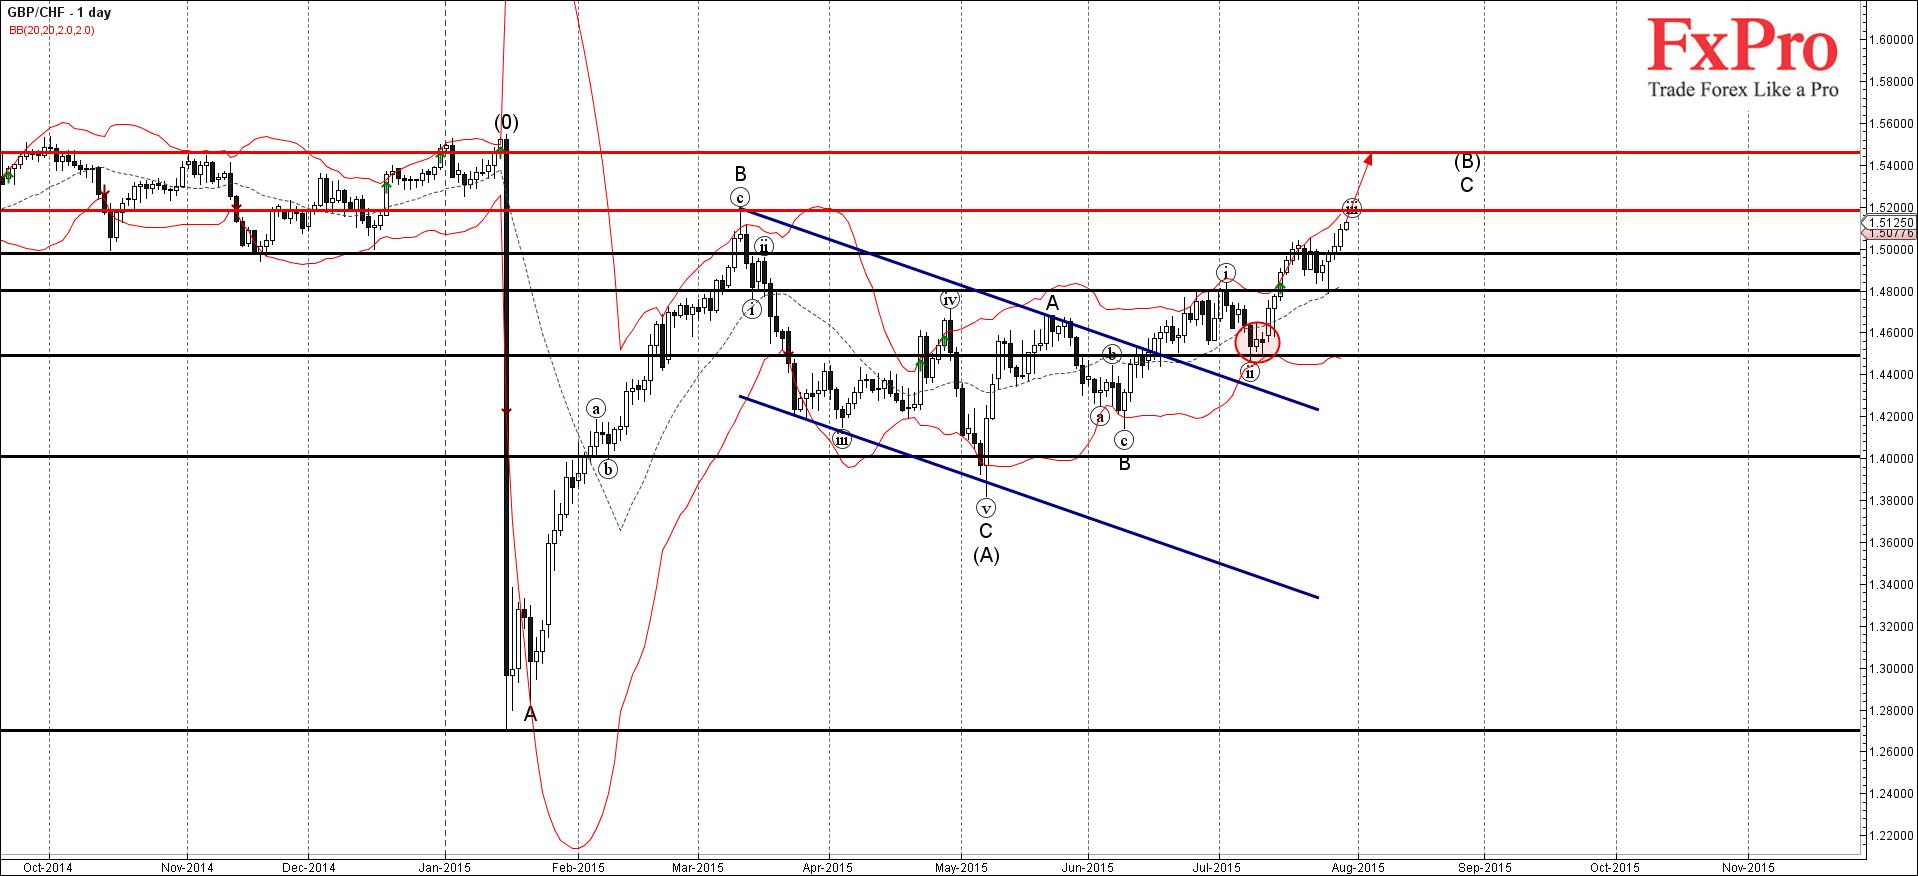 GBP/CHF продолжает расти после недавнего прорыва 1.50